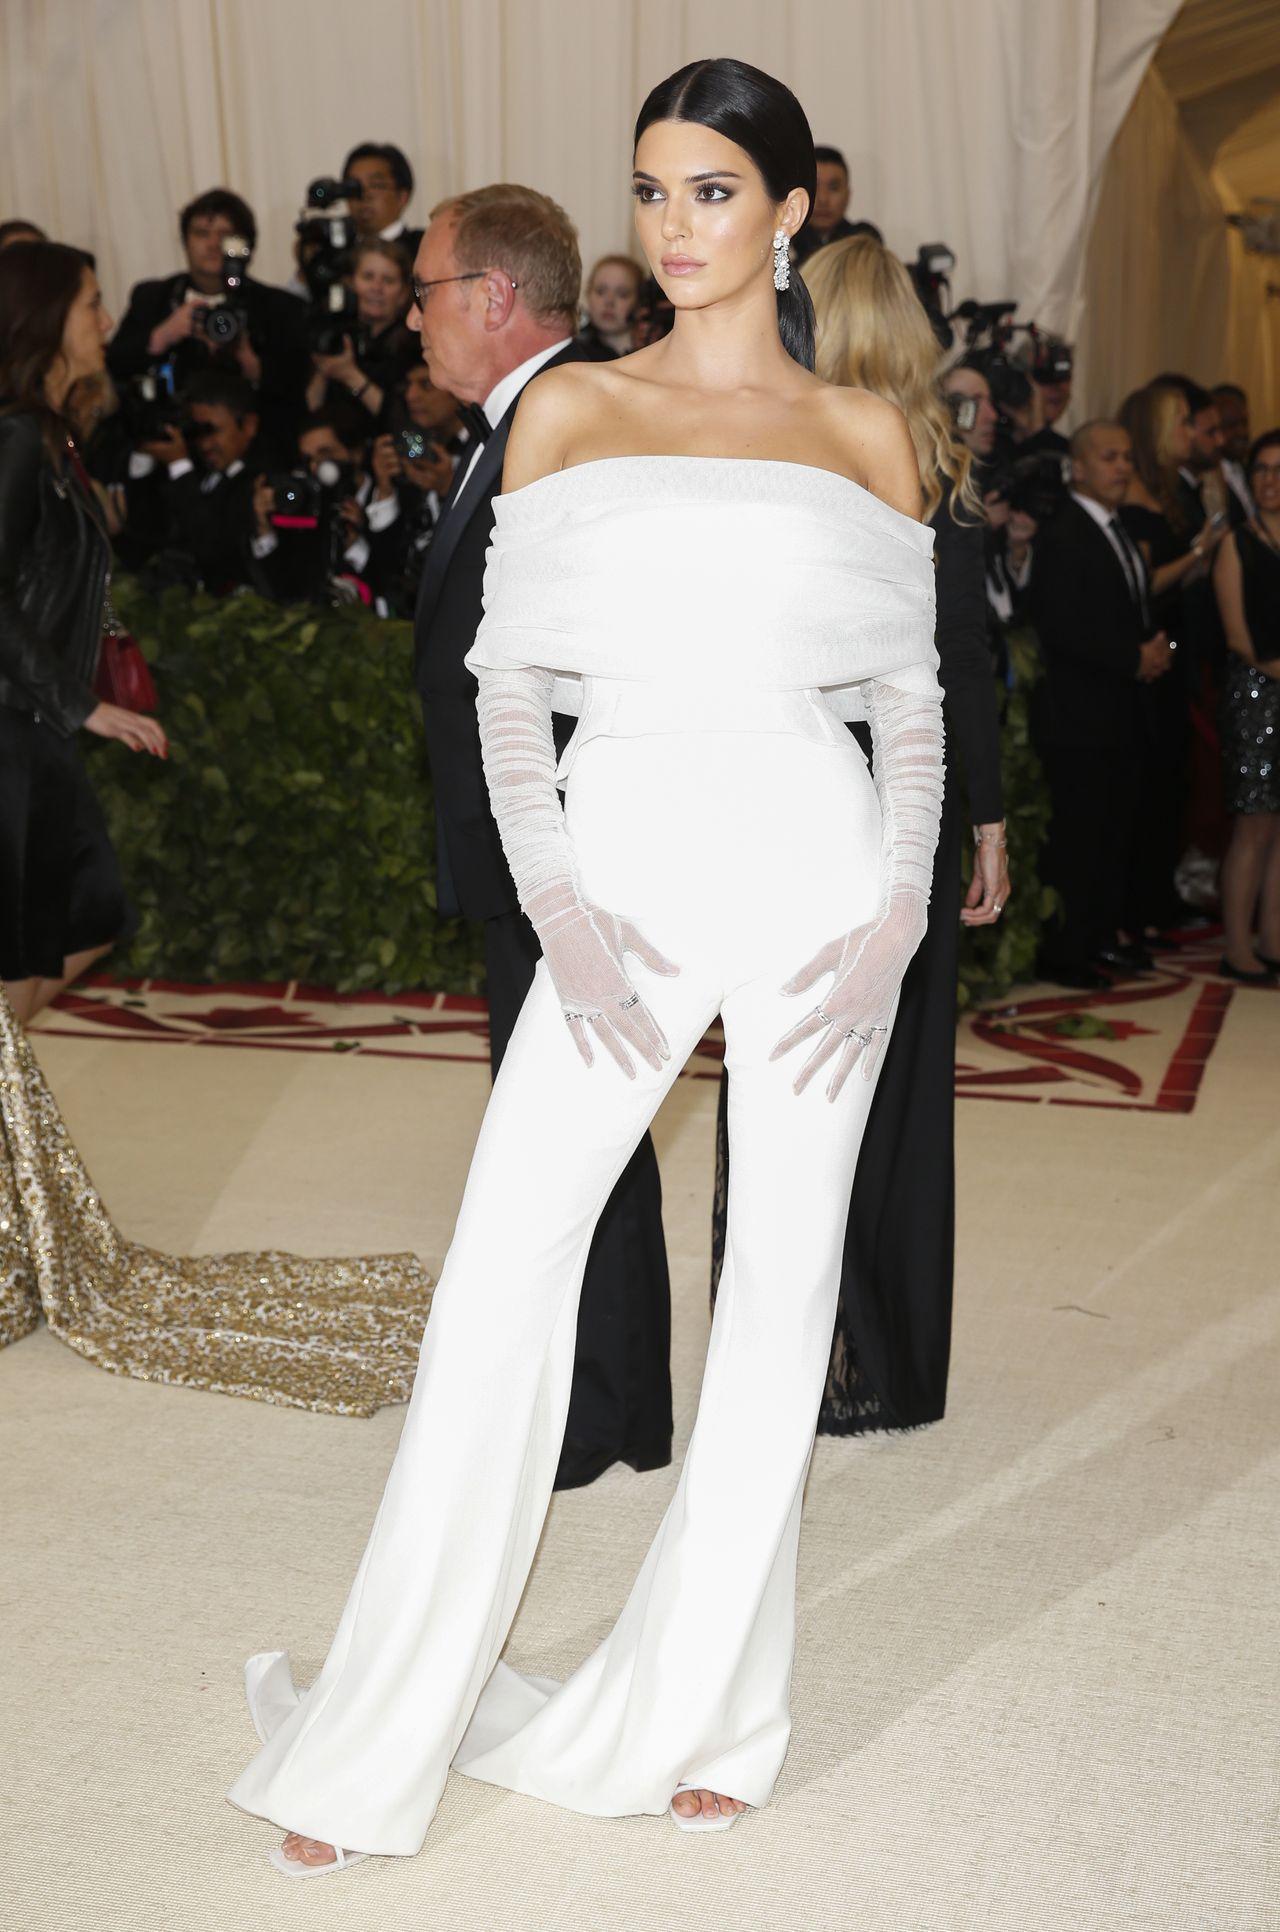 Kendall Jenner – galeria zdjęć paparazzi i fotografii z czerwonych dywanów